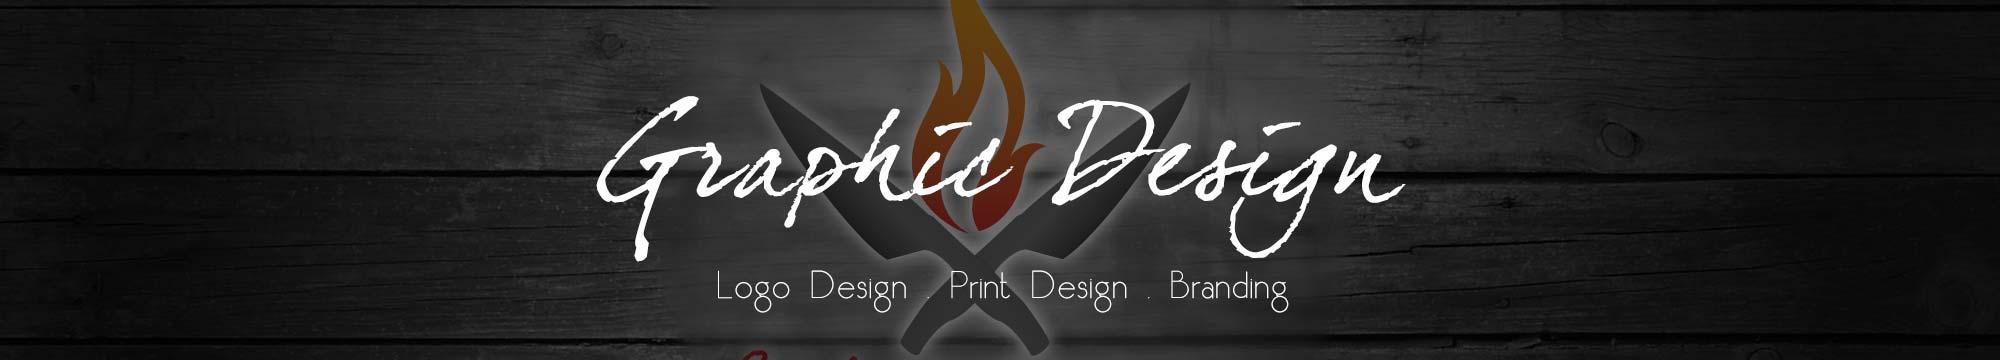 Graphic Design Header